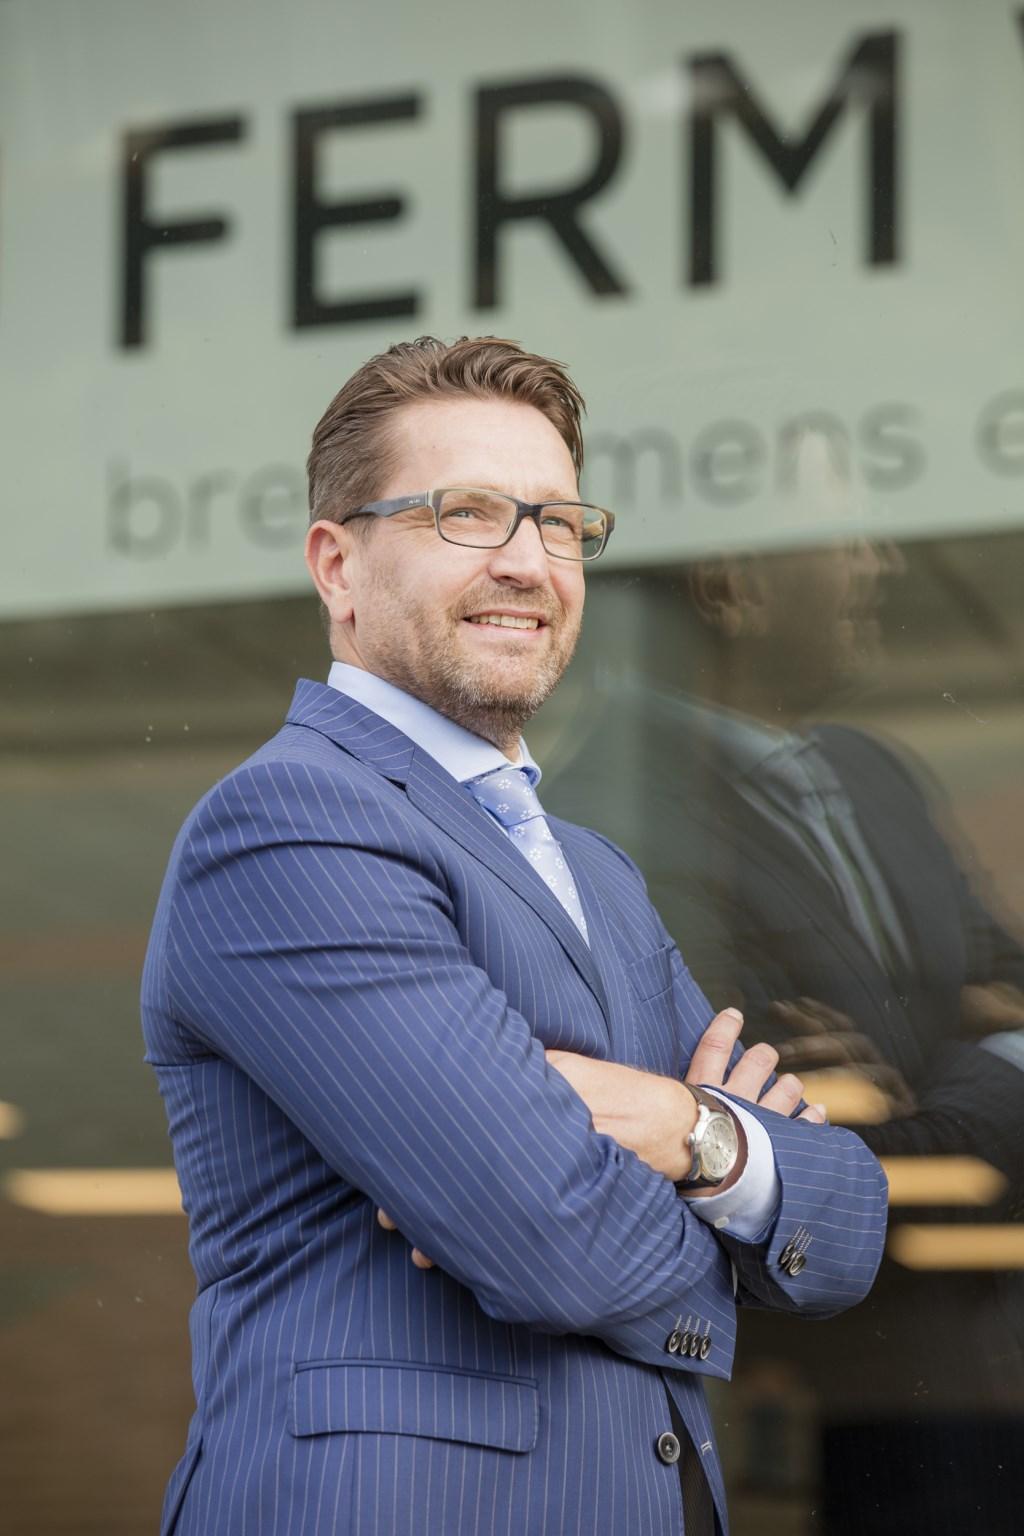 """Bernhard Drost: """"Mensen helpen moet je intrinsieke drive zijn"""". Foto: PR"""